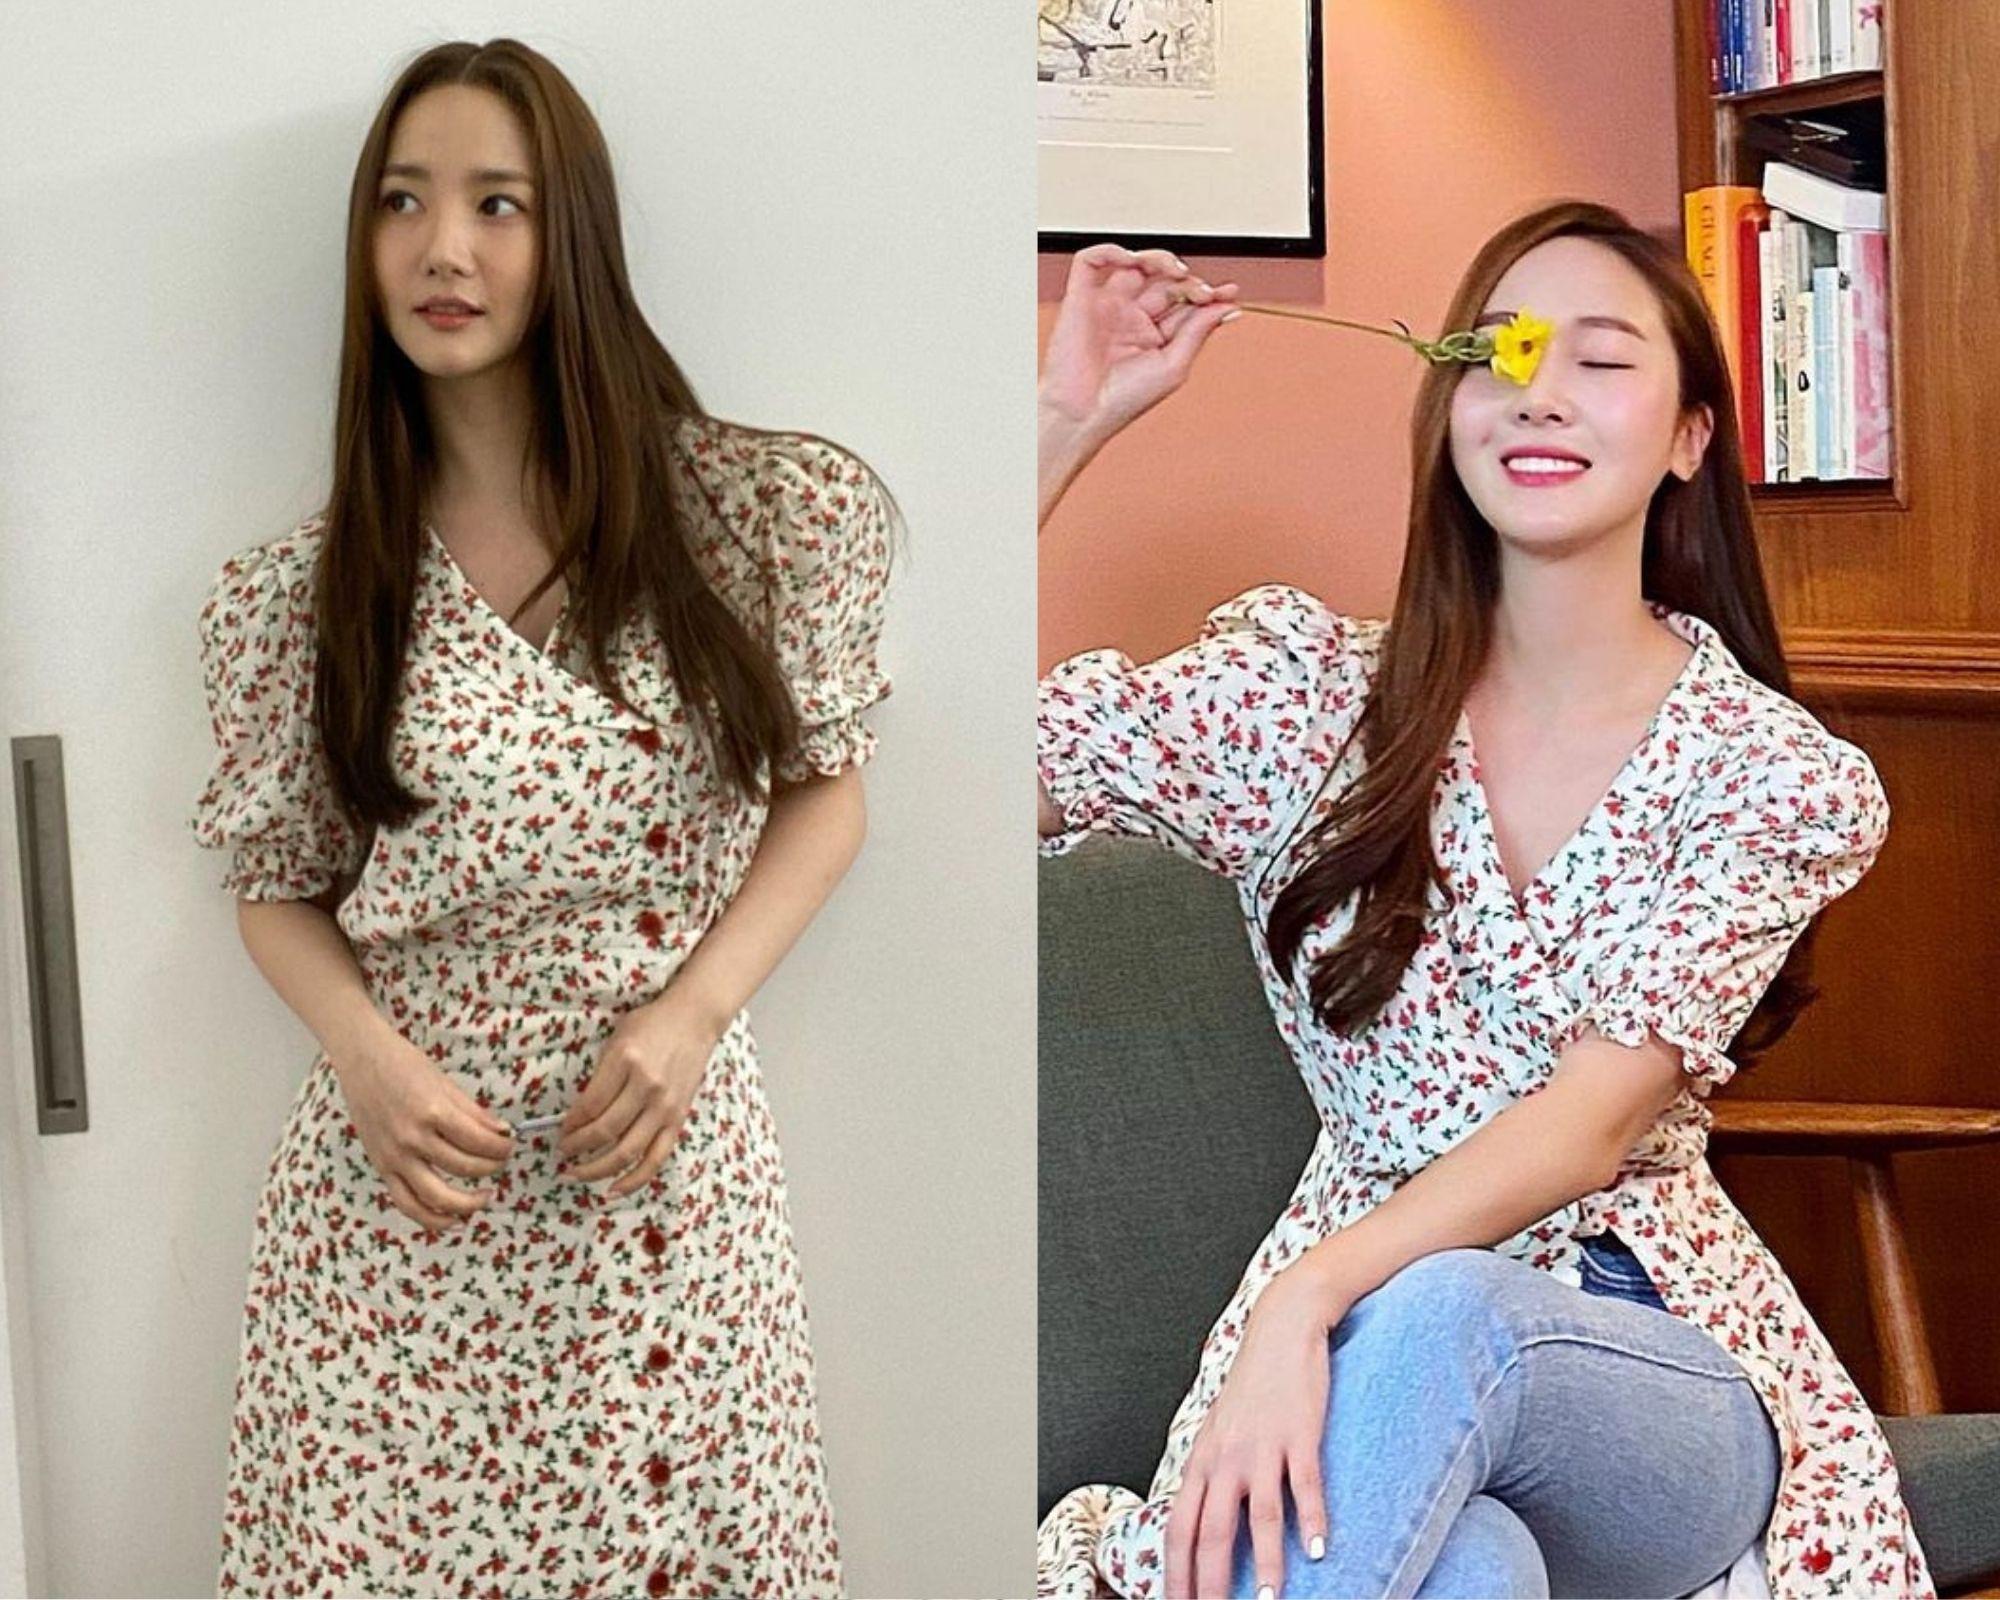 Màn đụng váy của Park Min Young và Jessica: Tưởng cạnh tranh gắt lắm, ai ngờ mang ý nghĩa cực đáng ngưỡng mộ đằng sau - Ảnh 7.